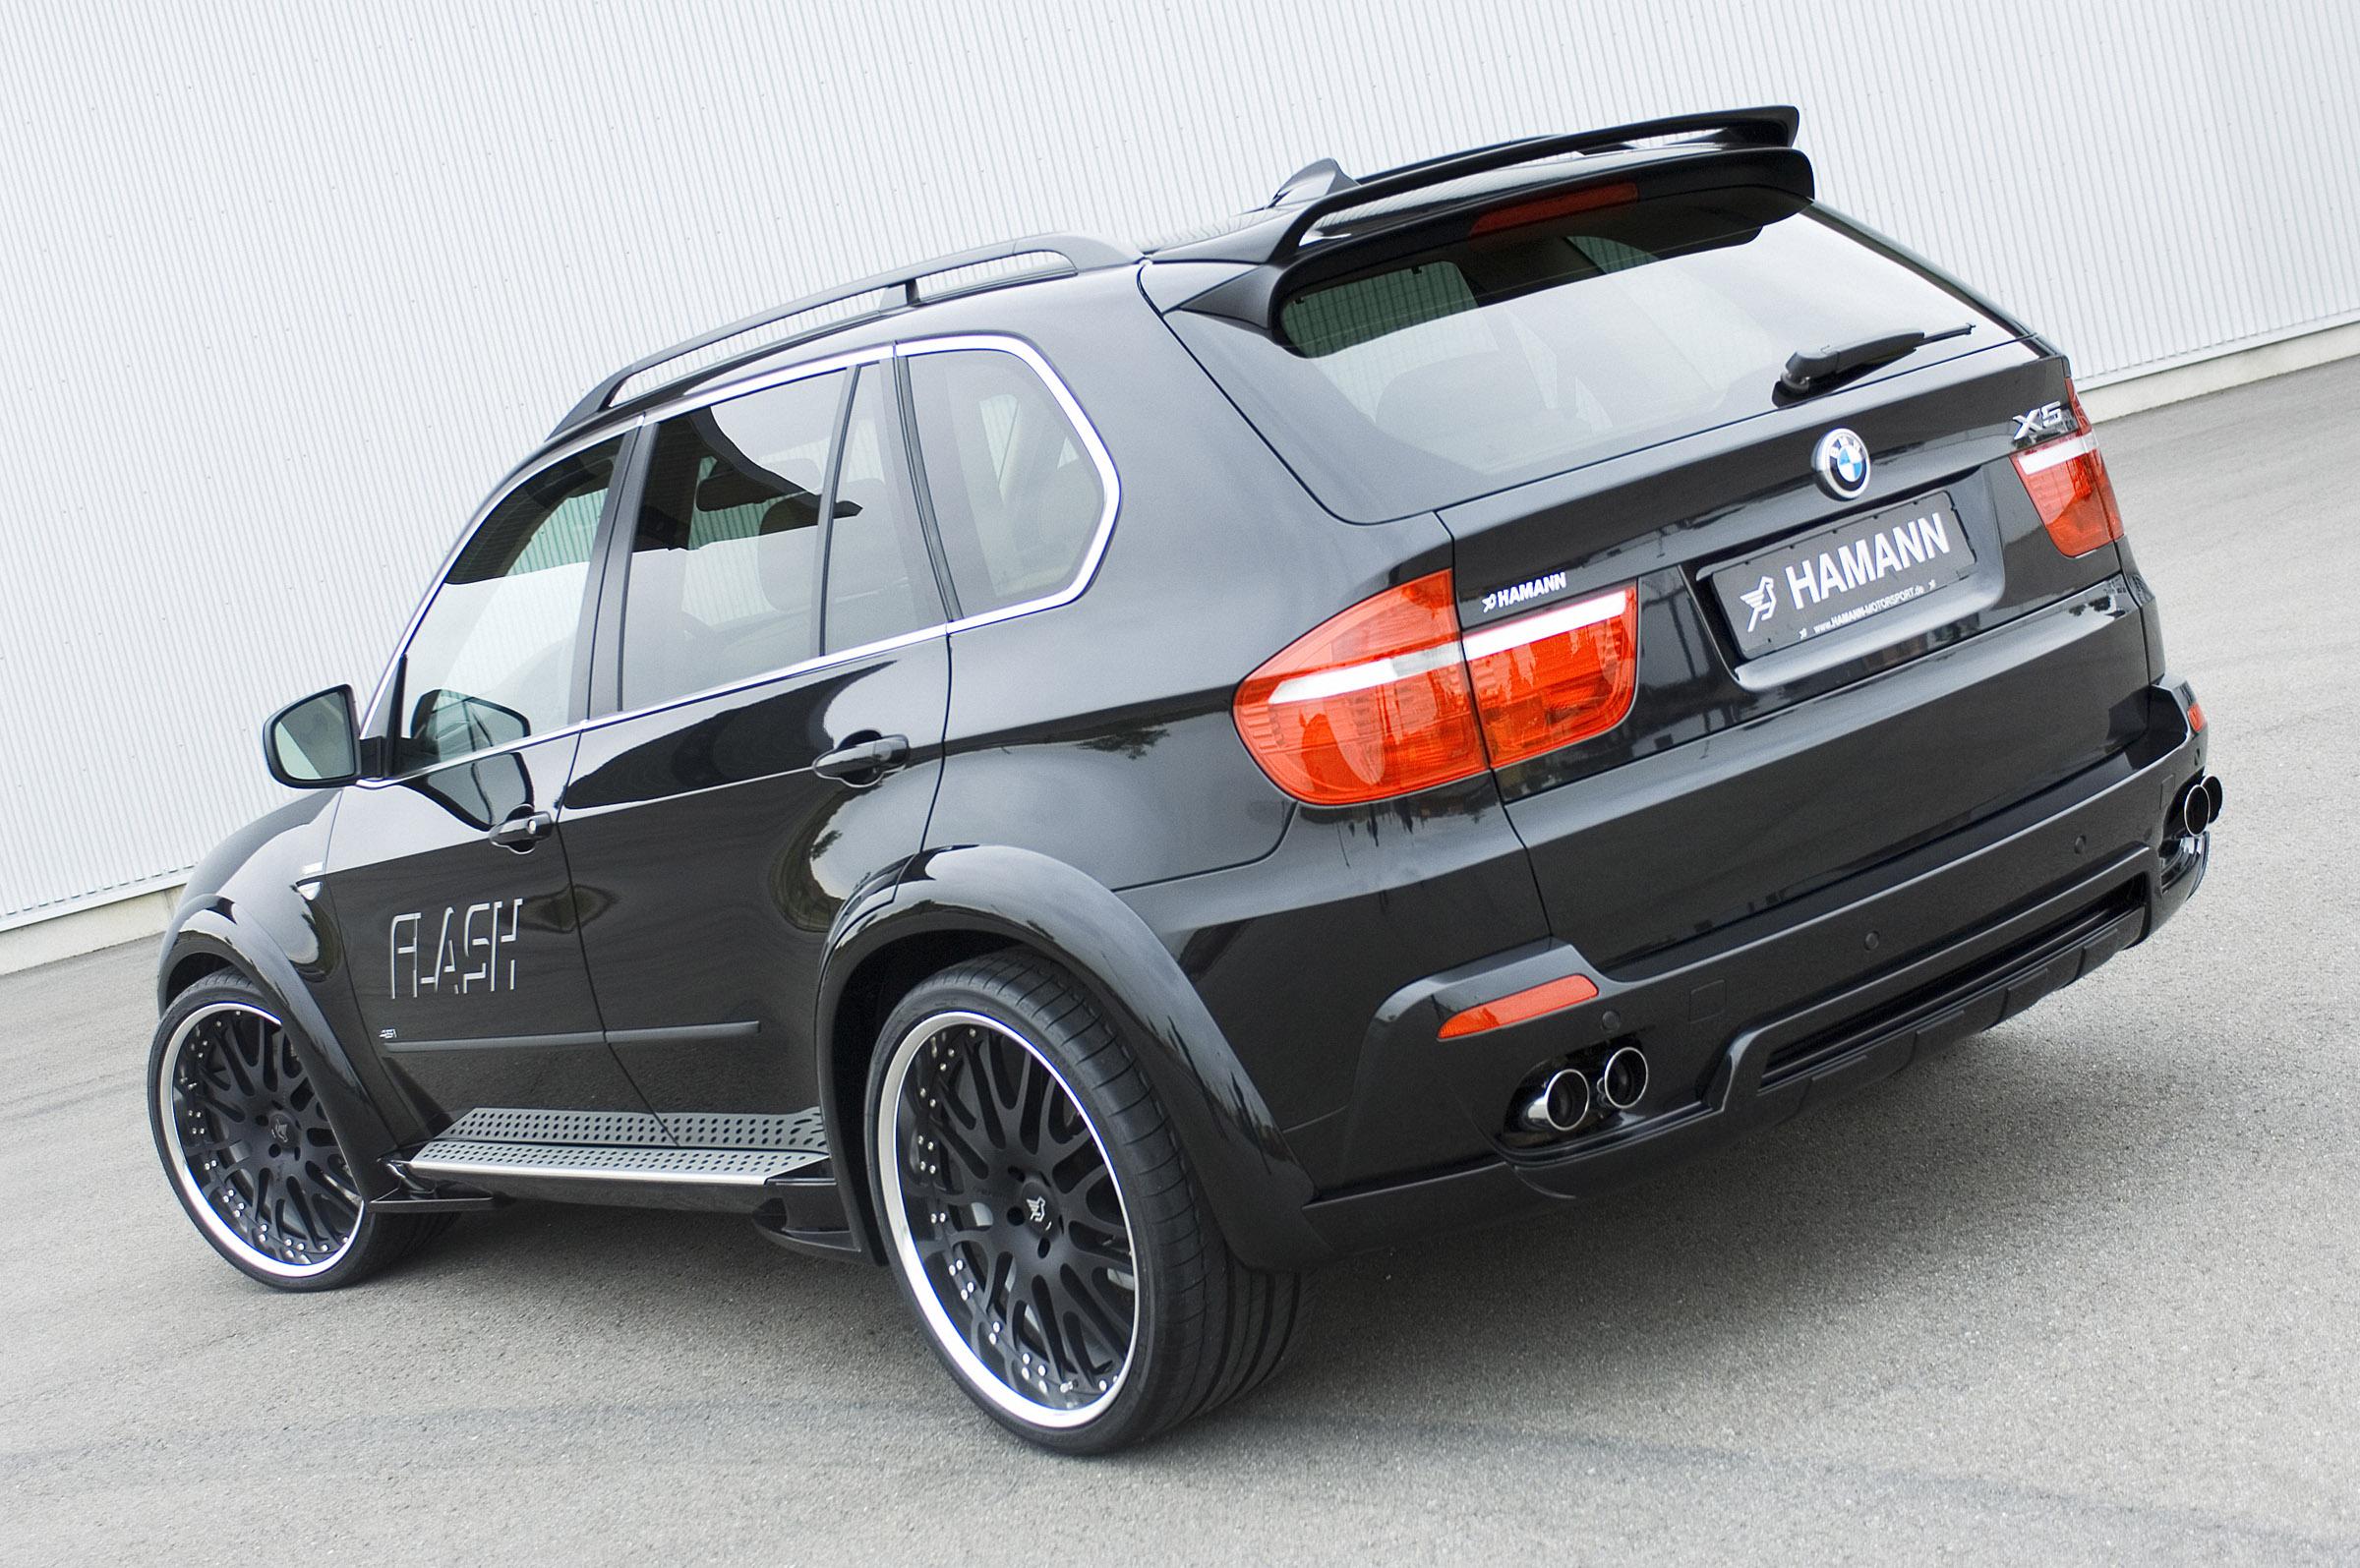 Audi s4 and s4 avant hamann flash bmw x5